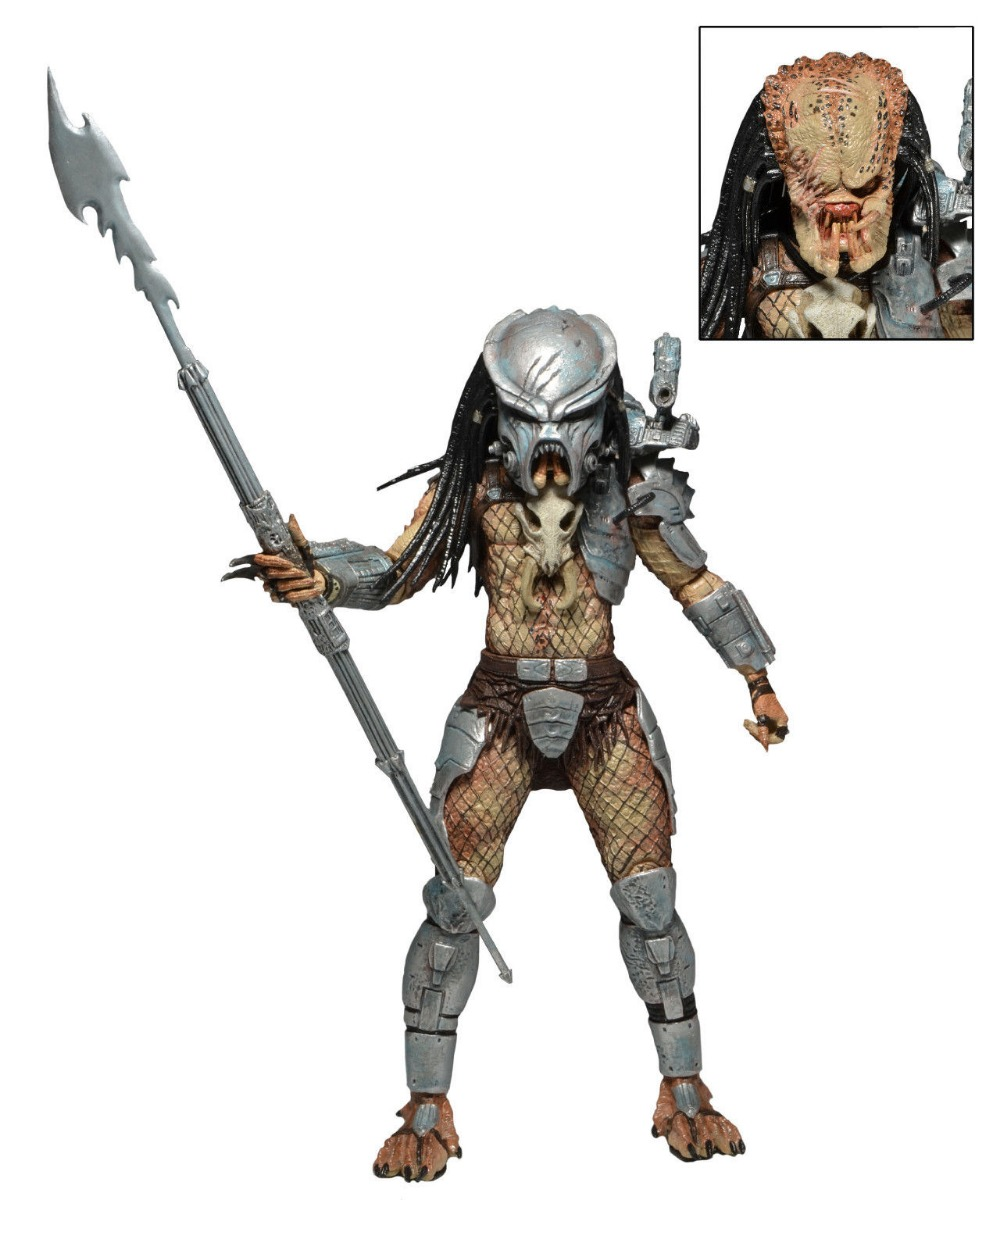 NECA Movie Predator VS Alien Wetenschap Monster Zeldzame Ahab Predator Predator Speelgoed Action figure Model-in Actie- & Speelgoedfiguren van Speelgoed & Hobbies op  Groep 3